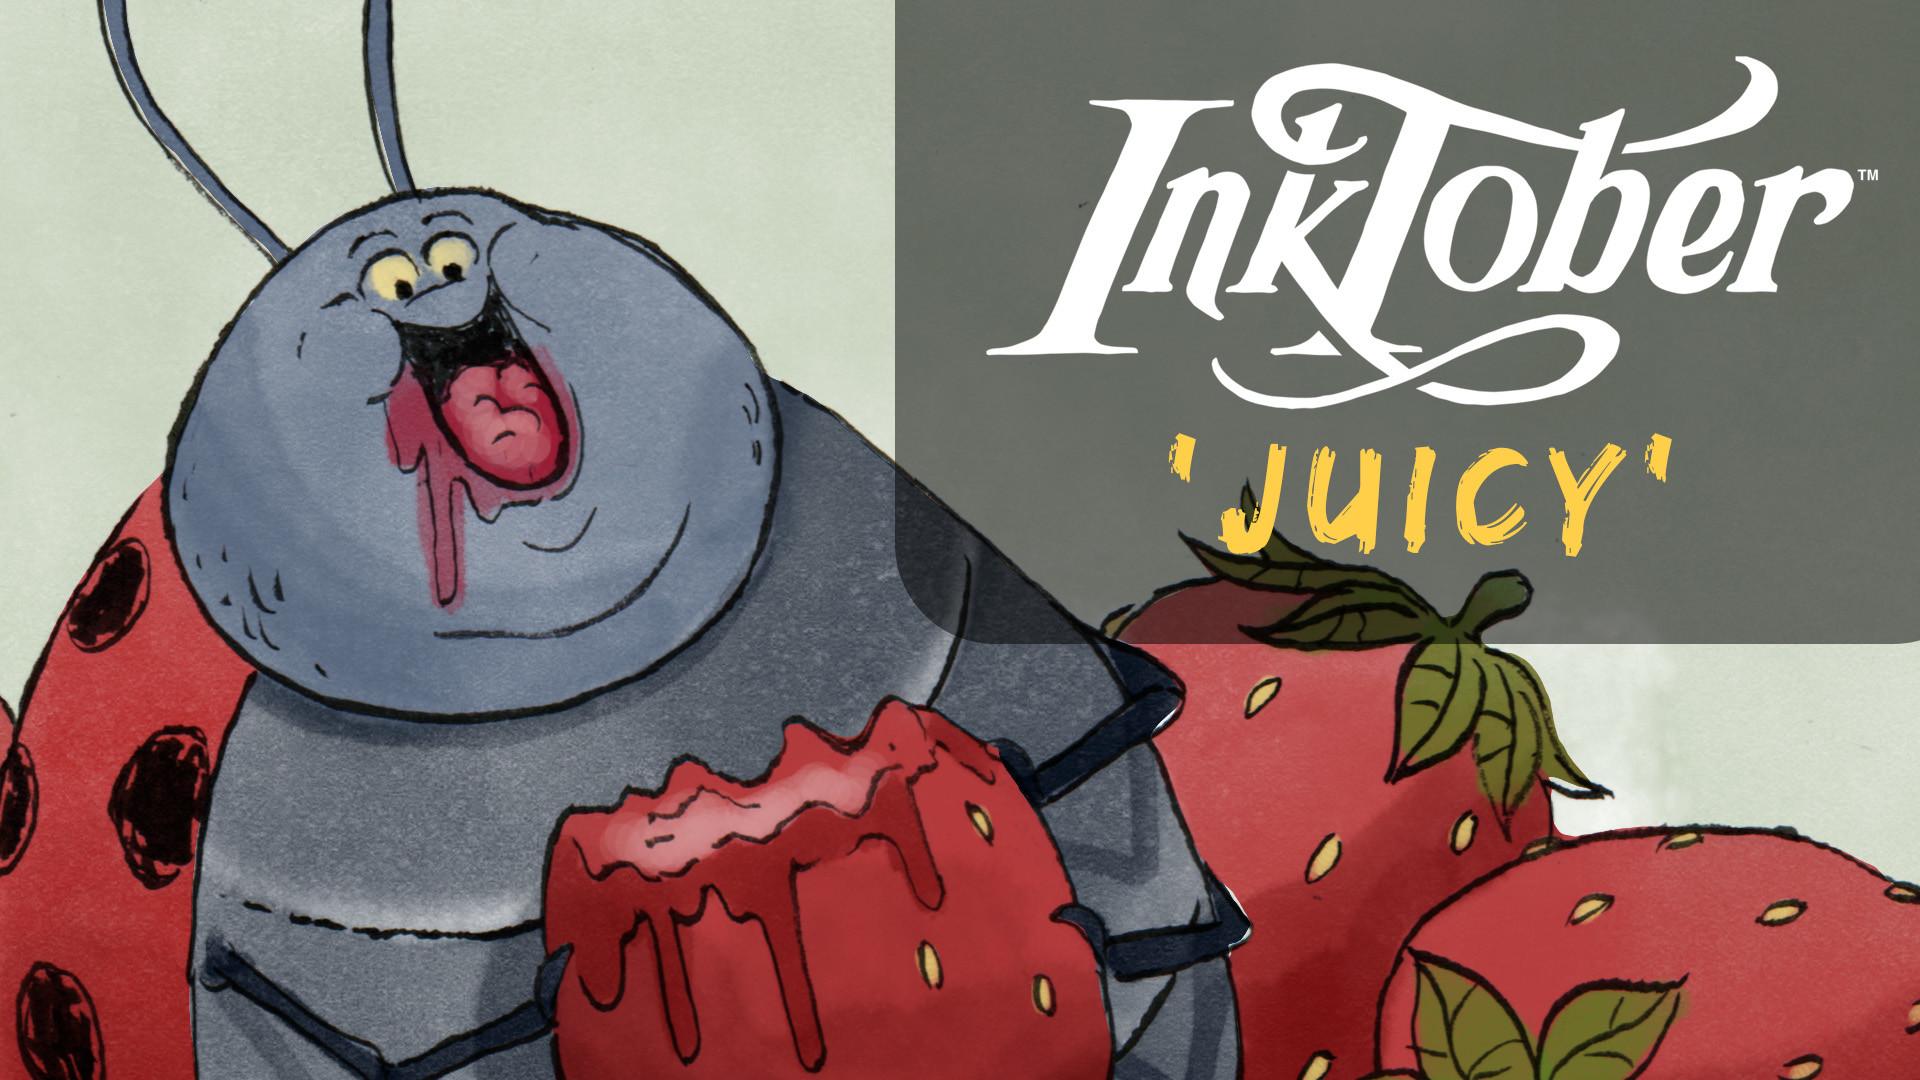 Inktober 23 Juicy.